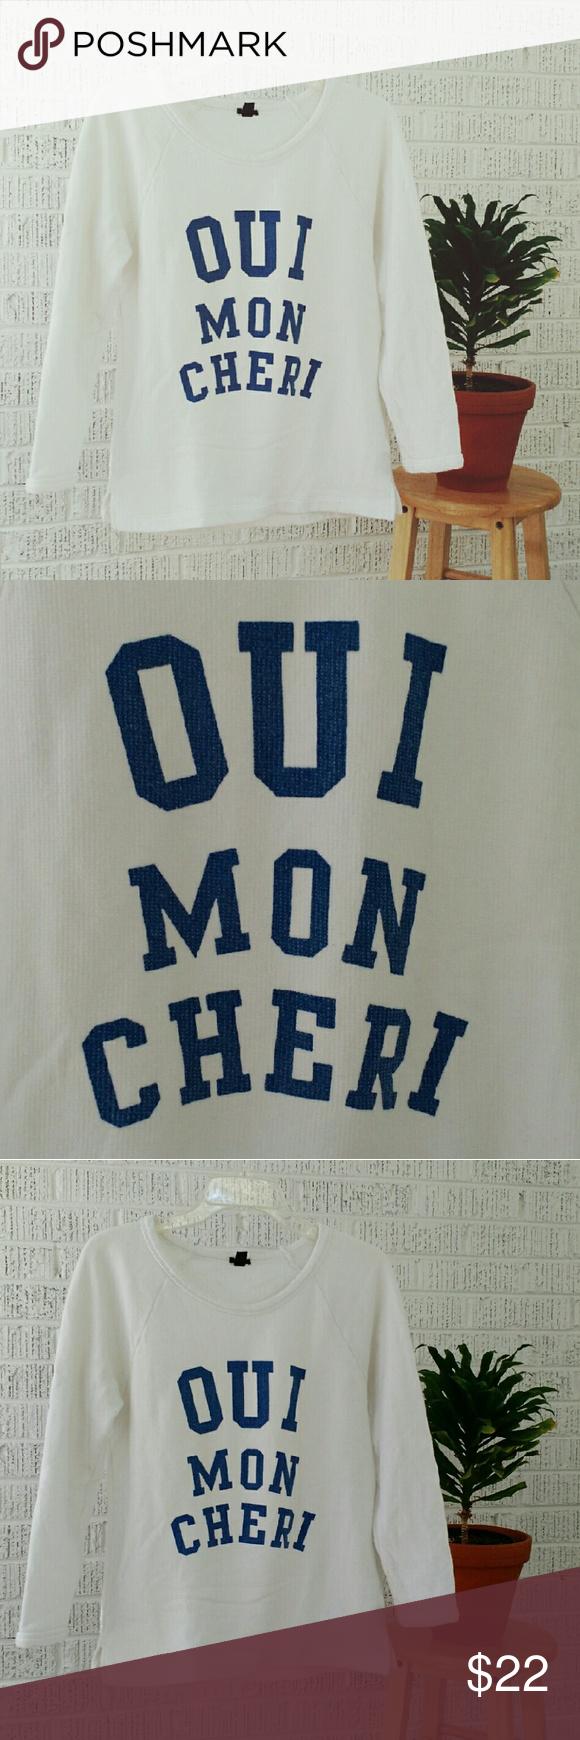 Mon cheri french translation